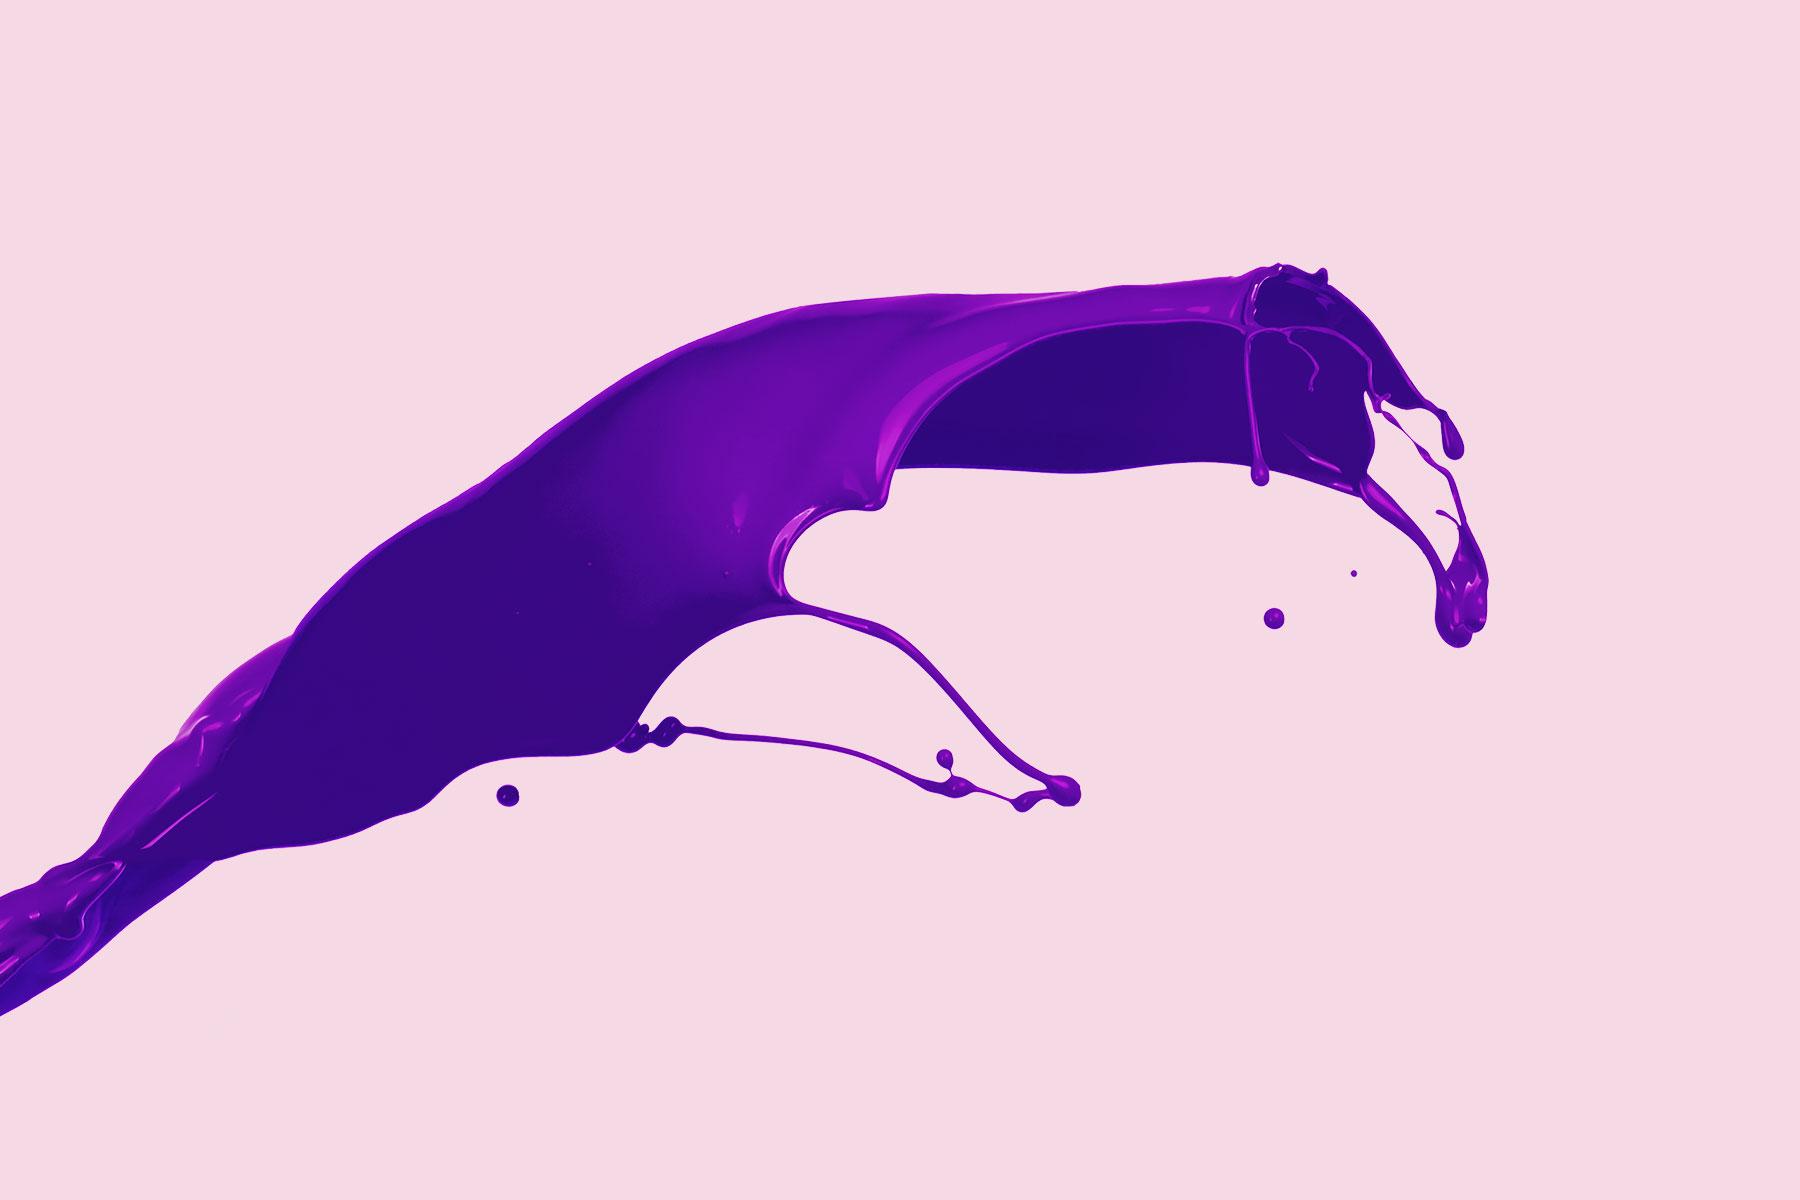 winegame-splatter-04.jpg